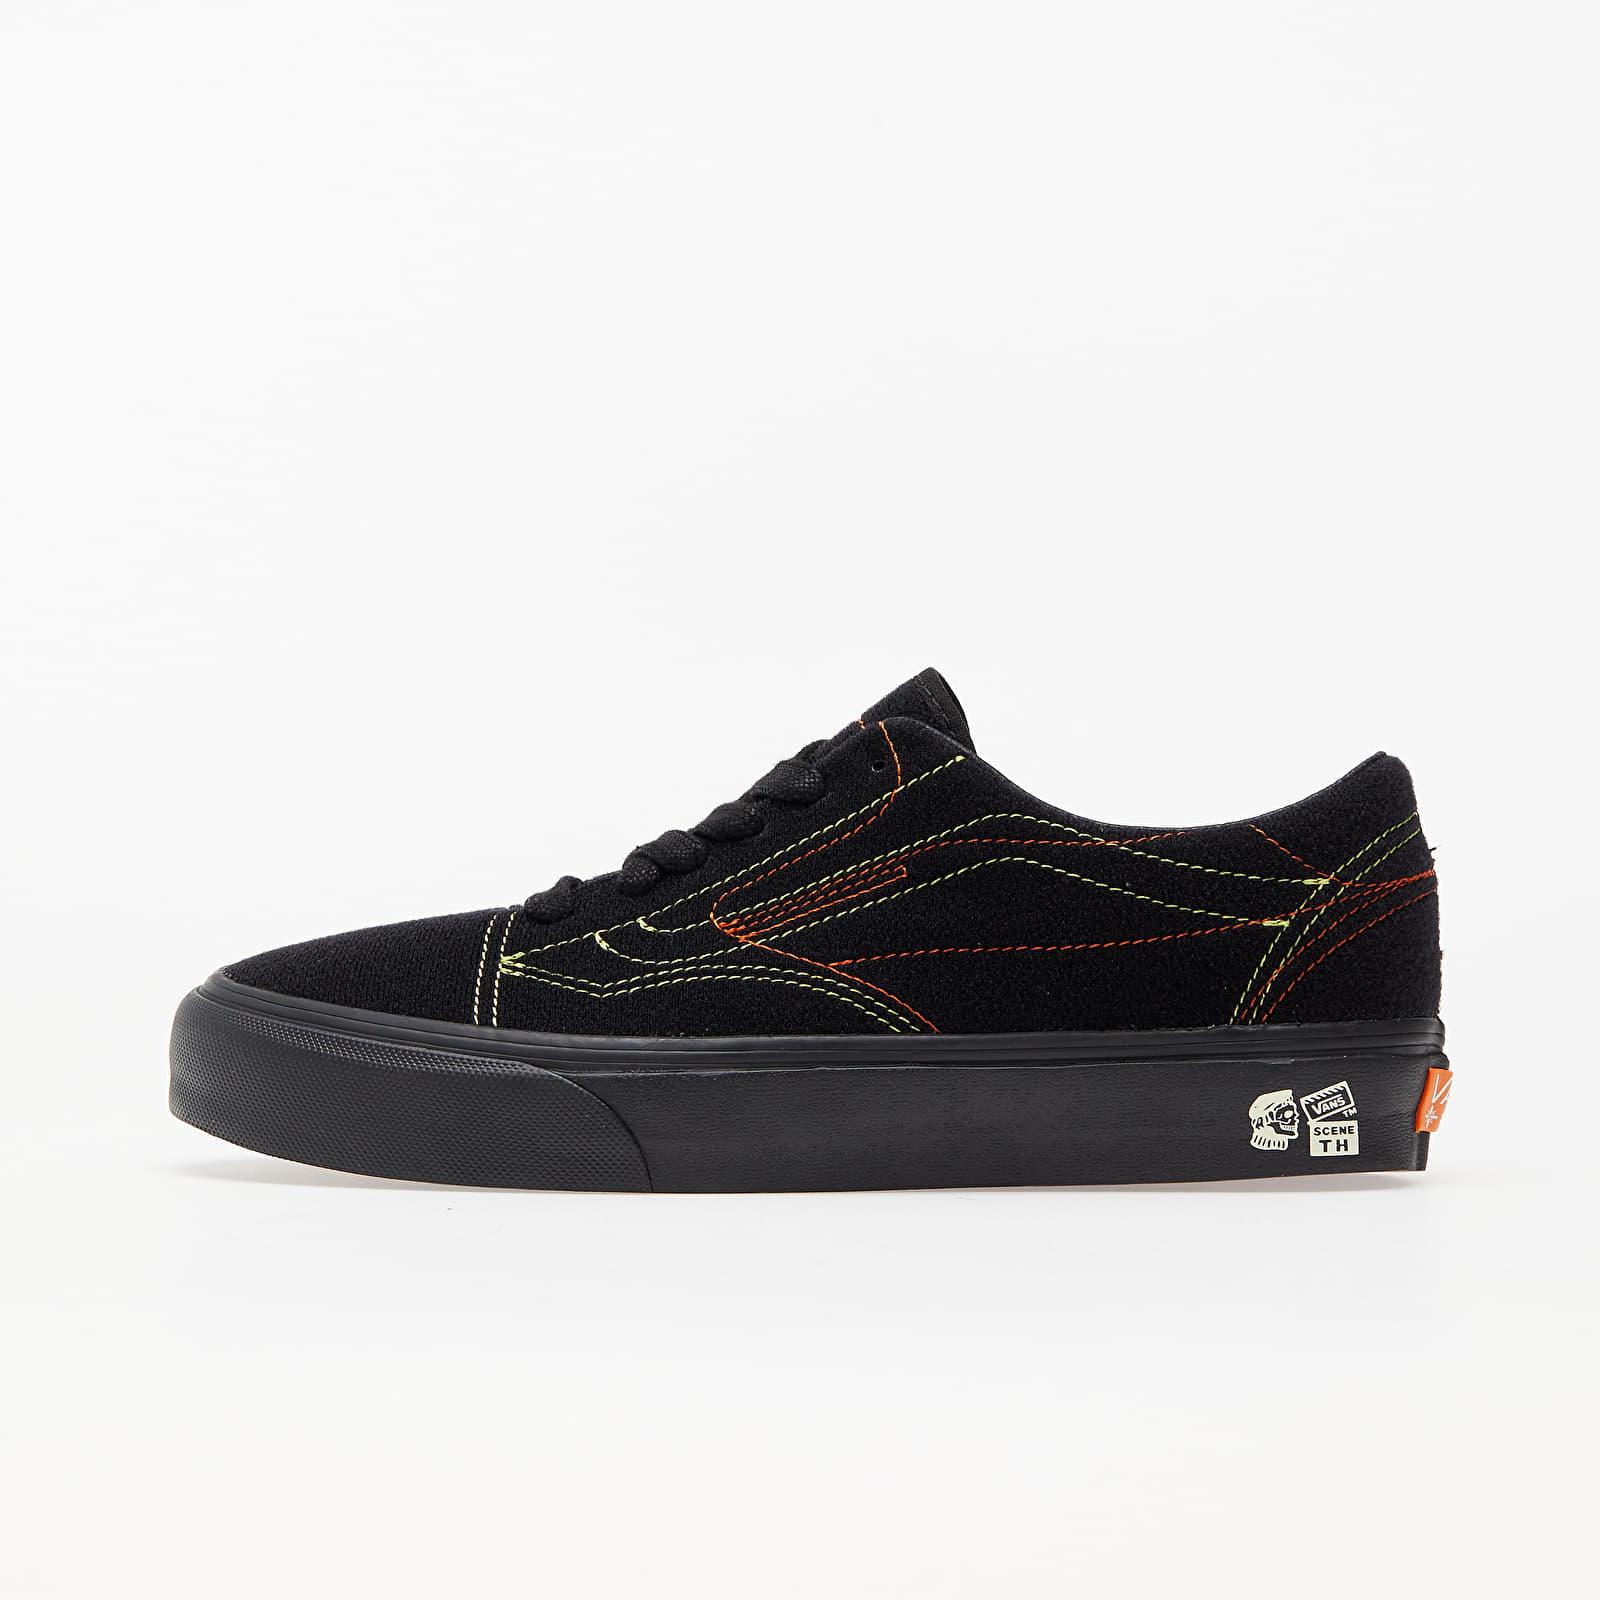 Men's shoes Vans x Taka Hayashi Diy Low VLT LX (H&L) Black/ Mul